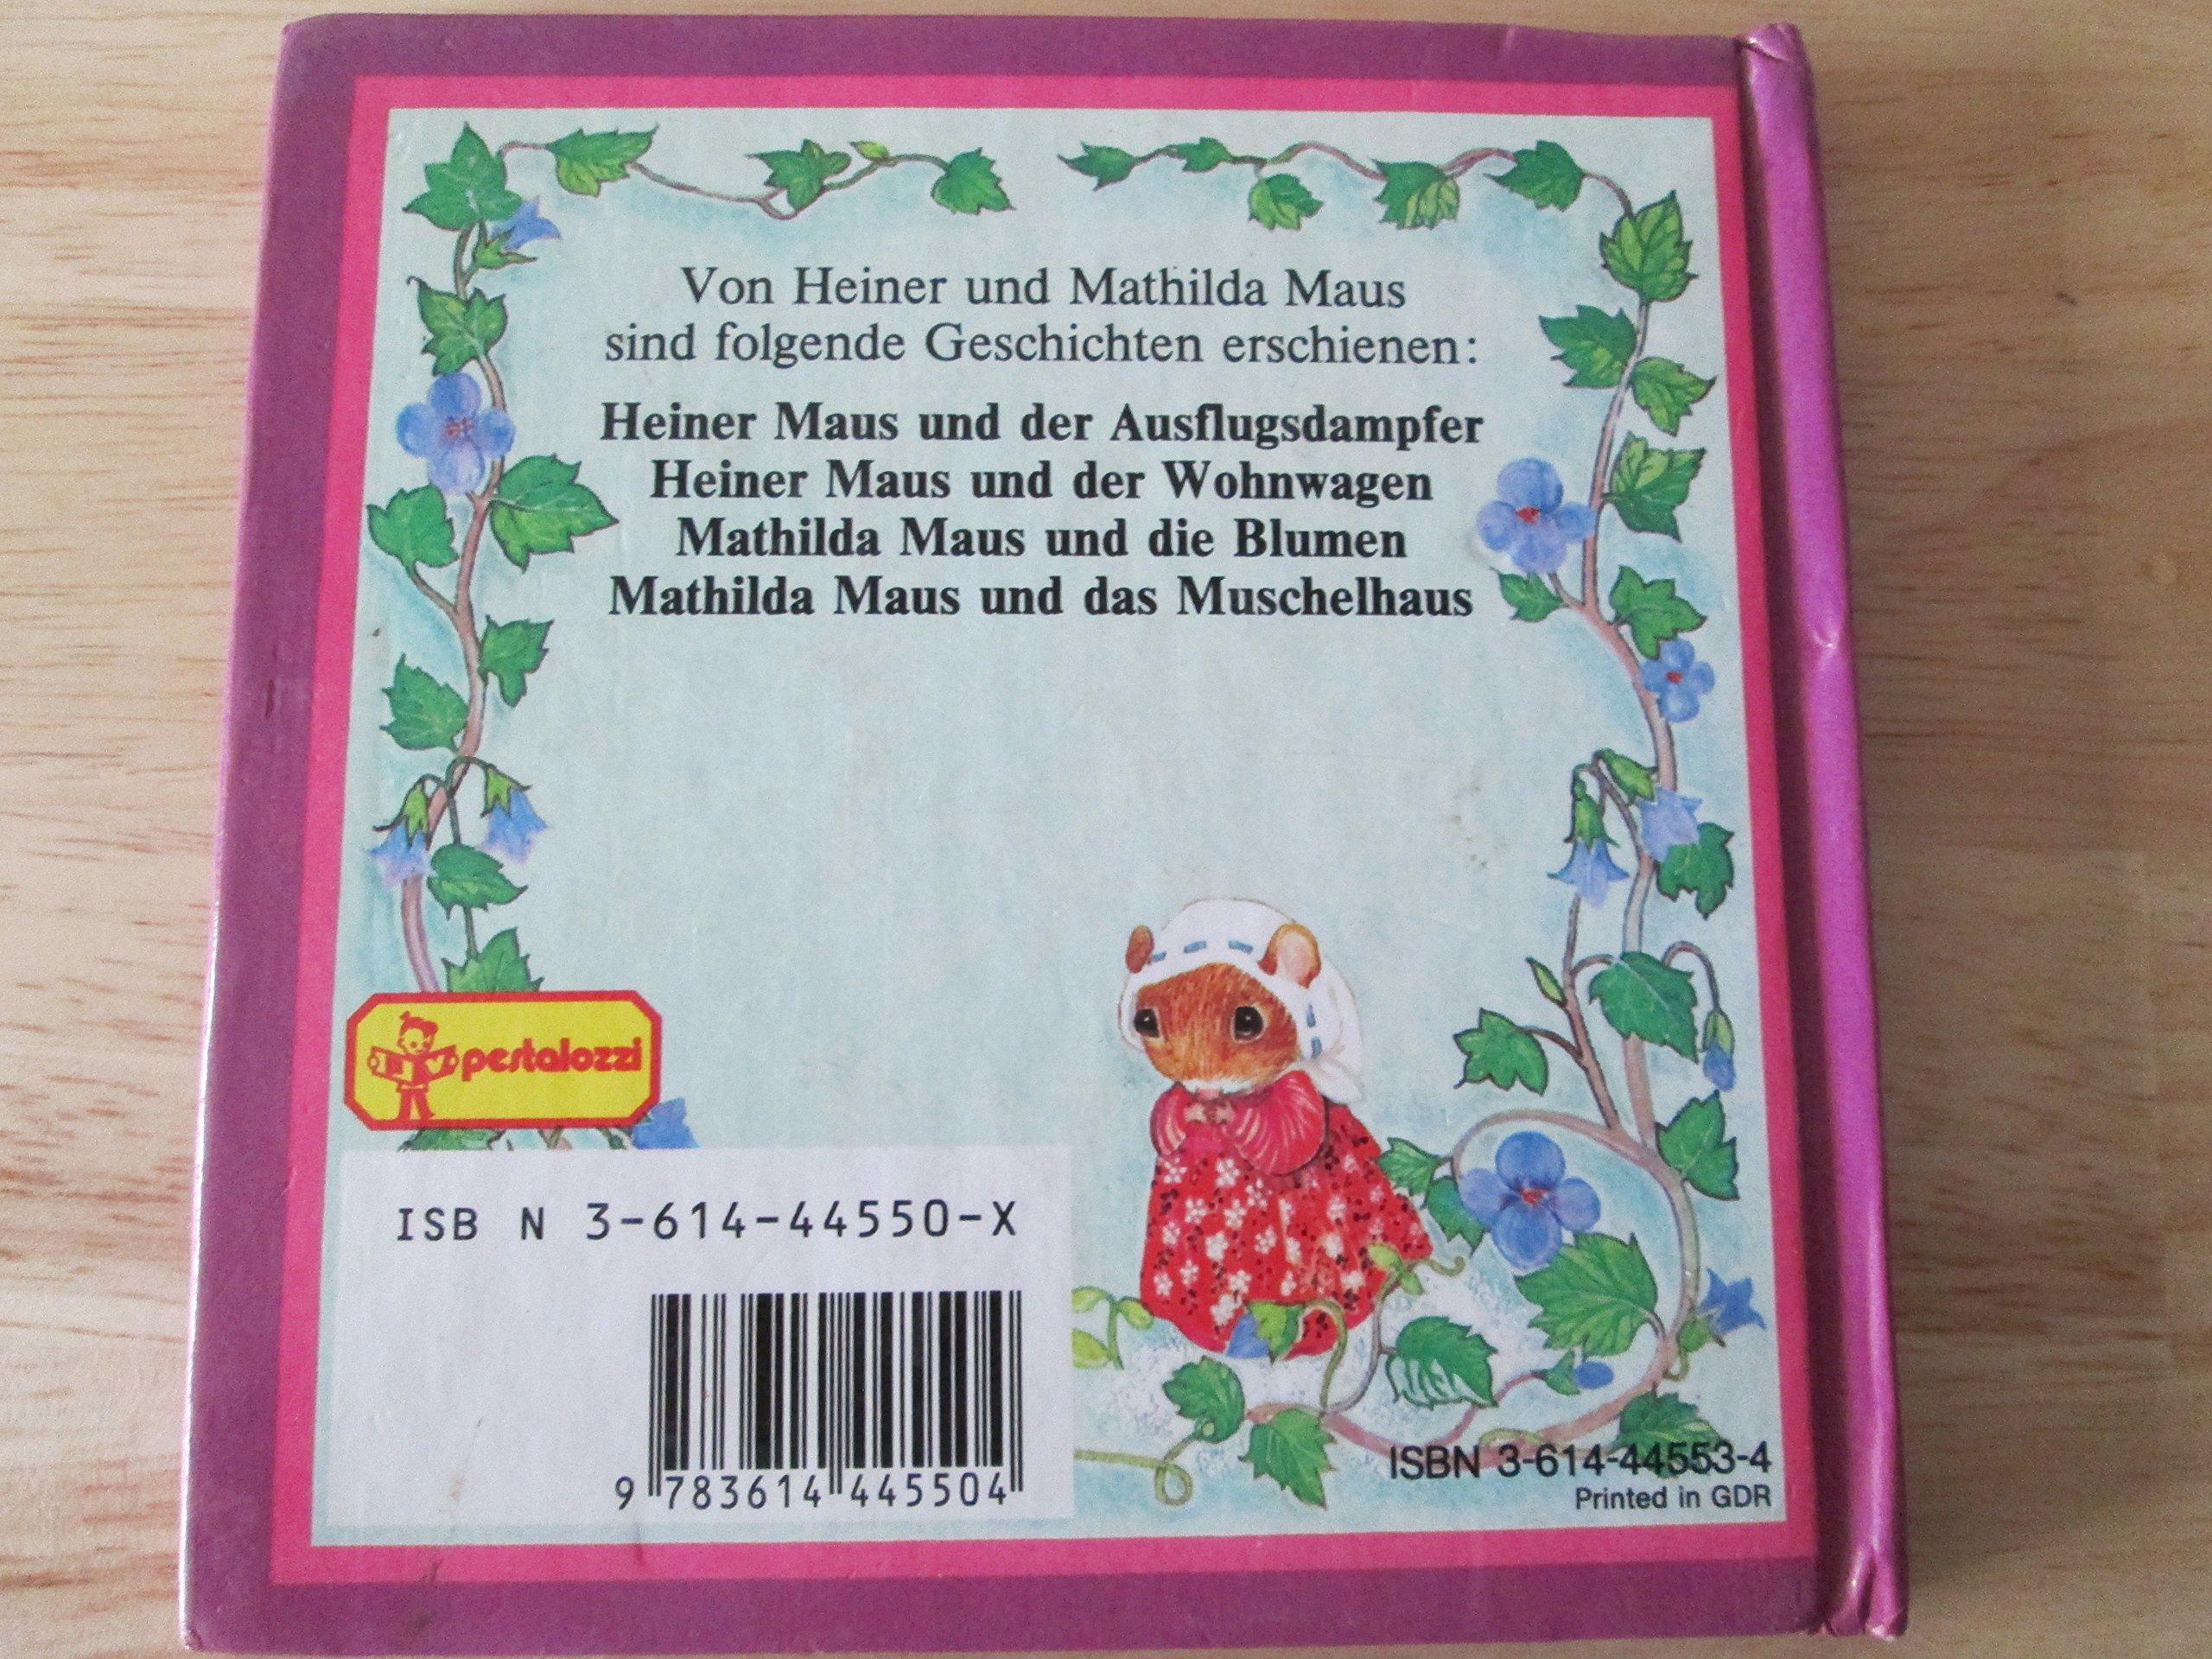 Mathilda Maus und die Blumen: Amazon.de: Heather S. Buchanan: Bücher